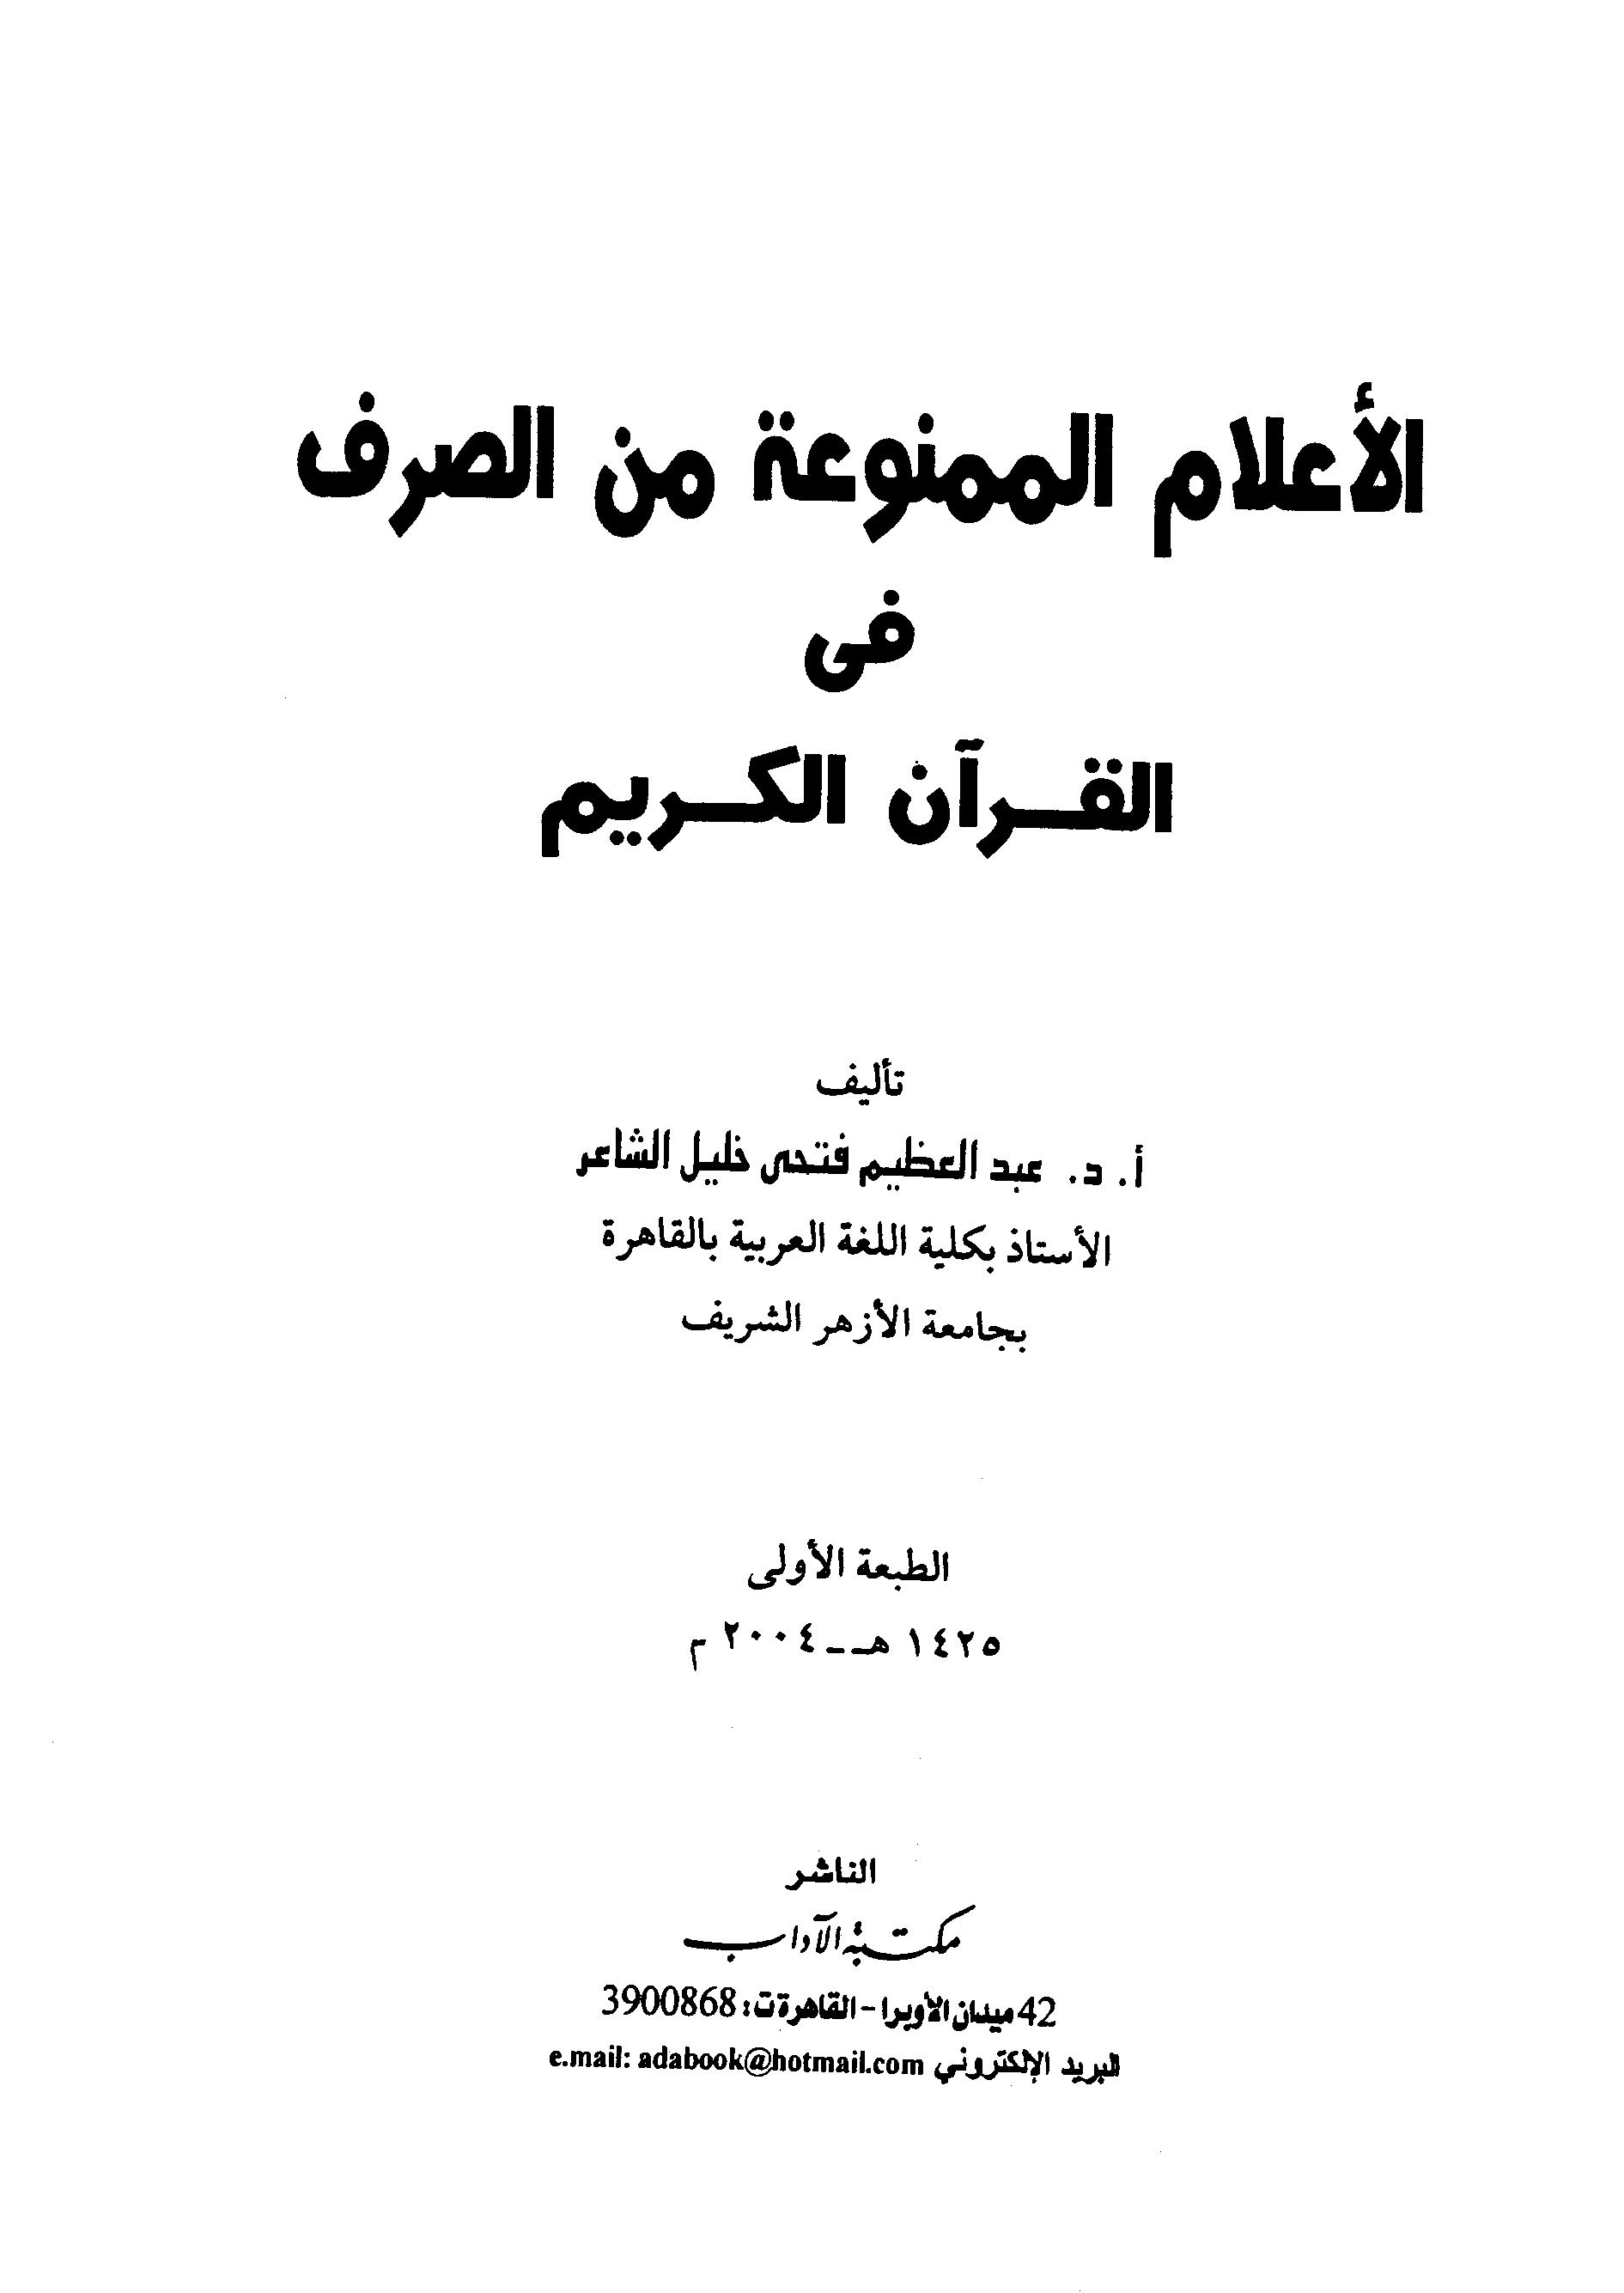 تحميل كتاب الأعلام الممنوعة من الصرف في القرآن الكريم لـِ: الدكتور عبد العظيم فتحي خليل